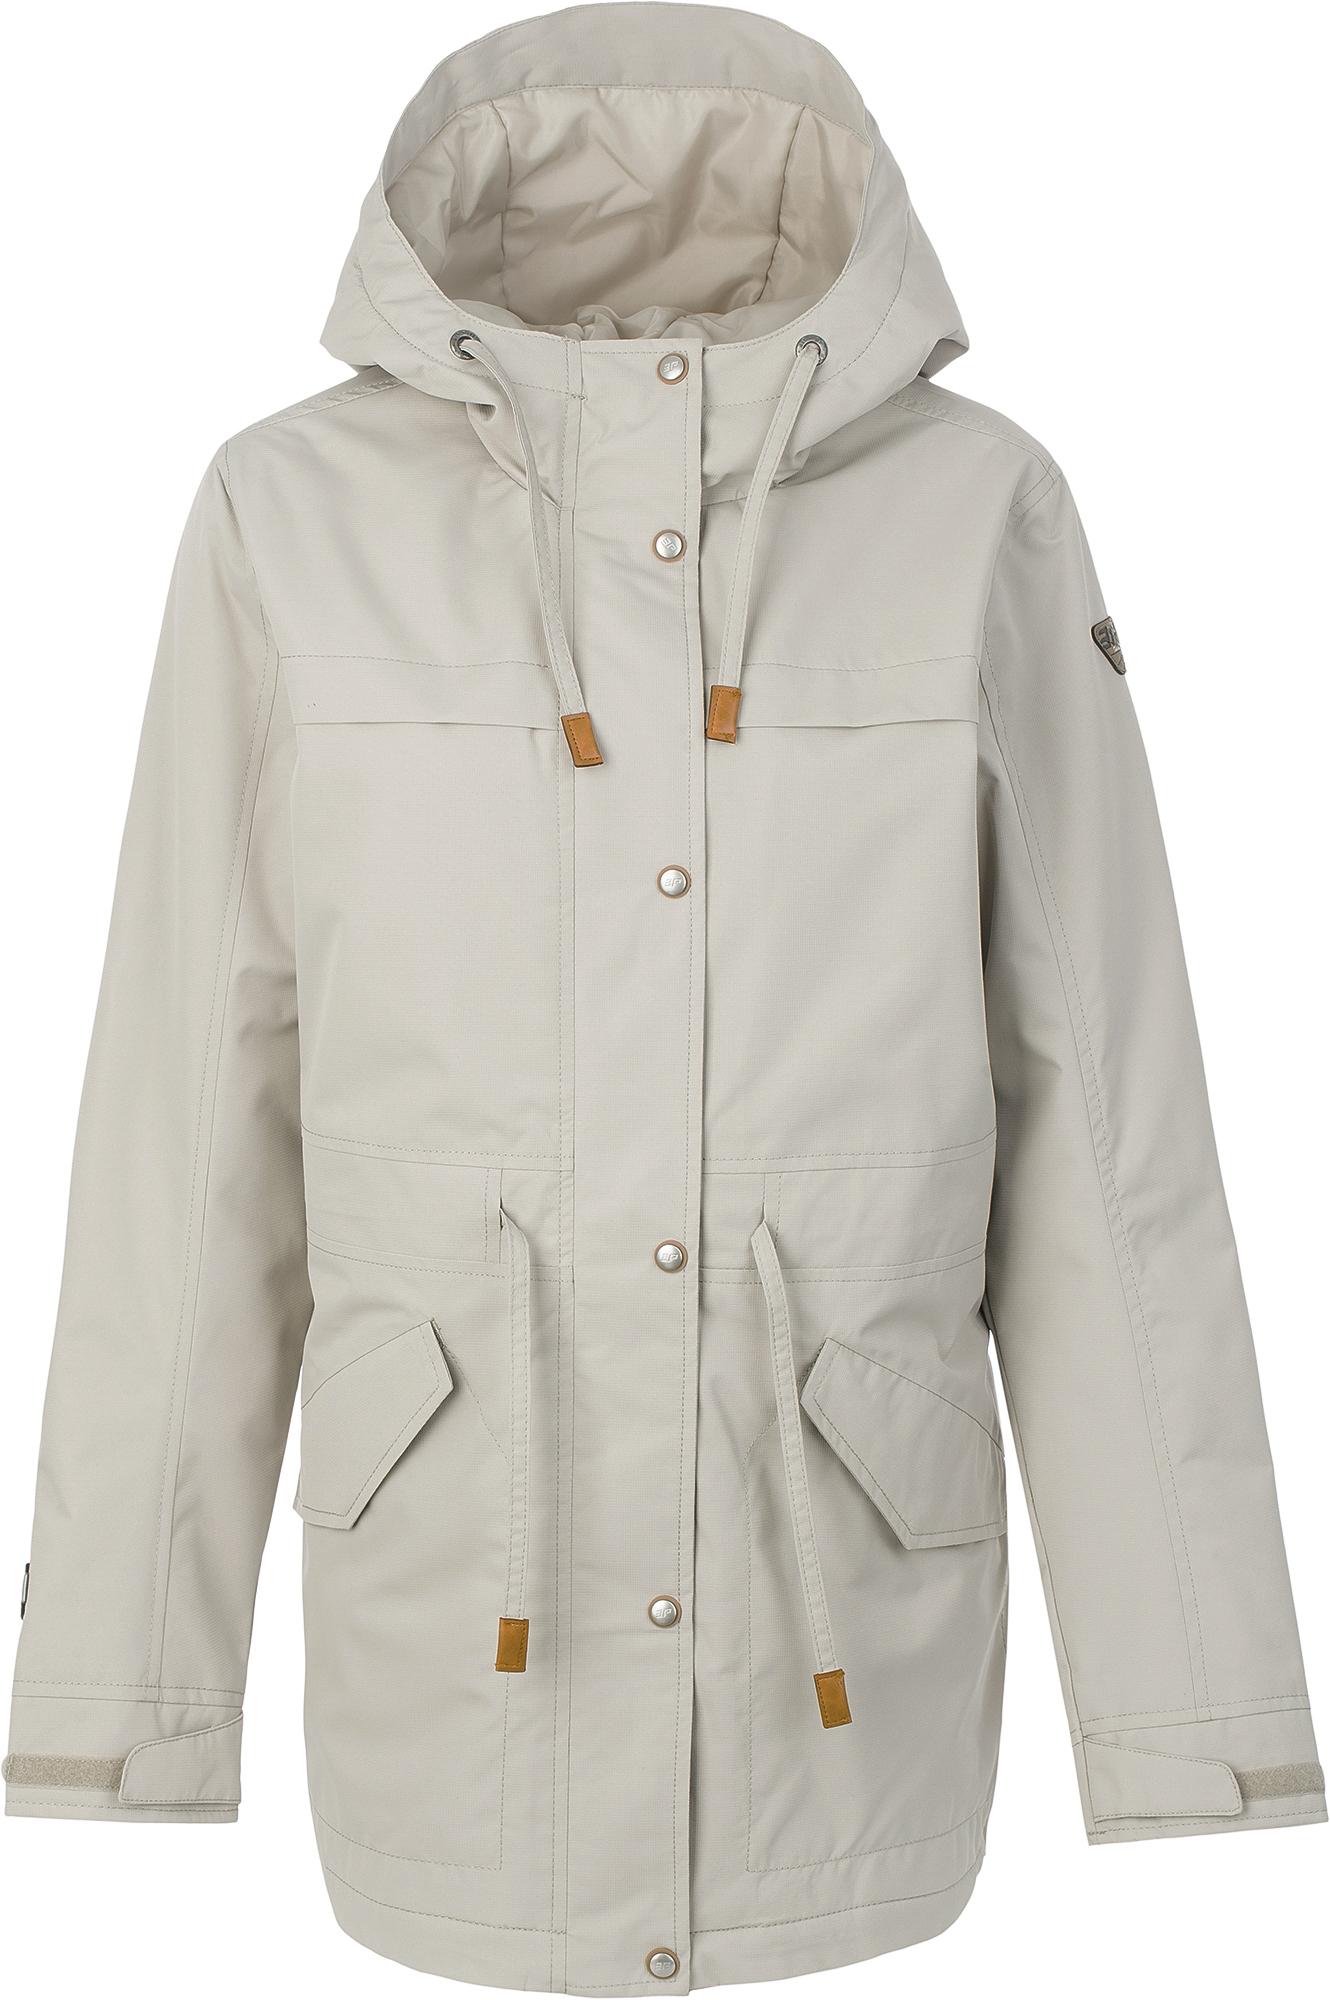 IcePeak Куртка утепленная женская IcePeak Vesta, размер 42 недорго, оригинальная цена